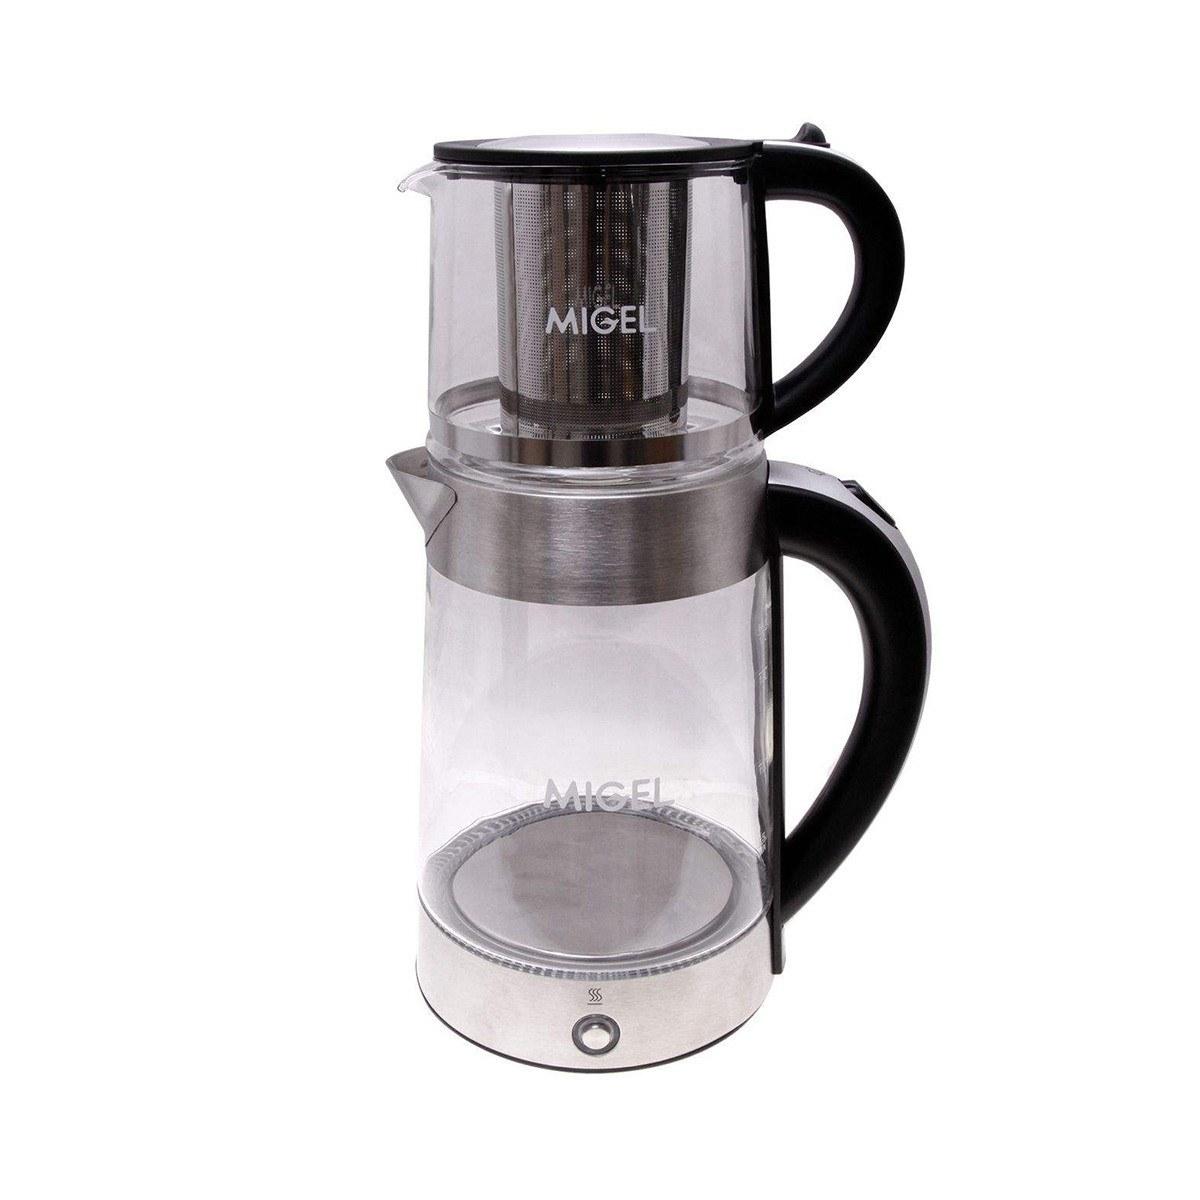 تصویر چای ساز میگل مدل GTS 220 ا